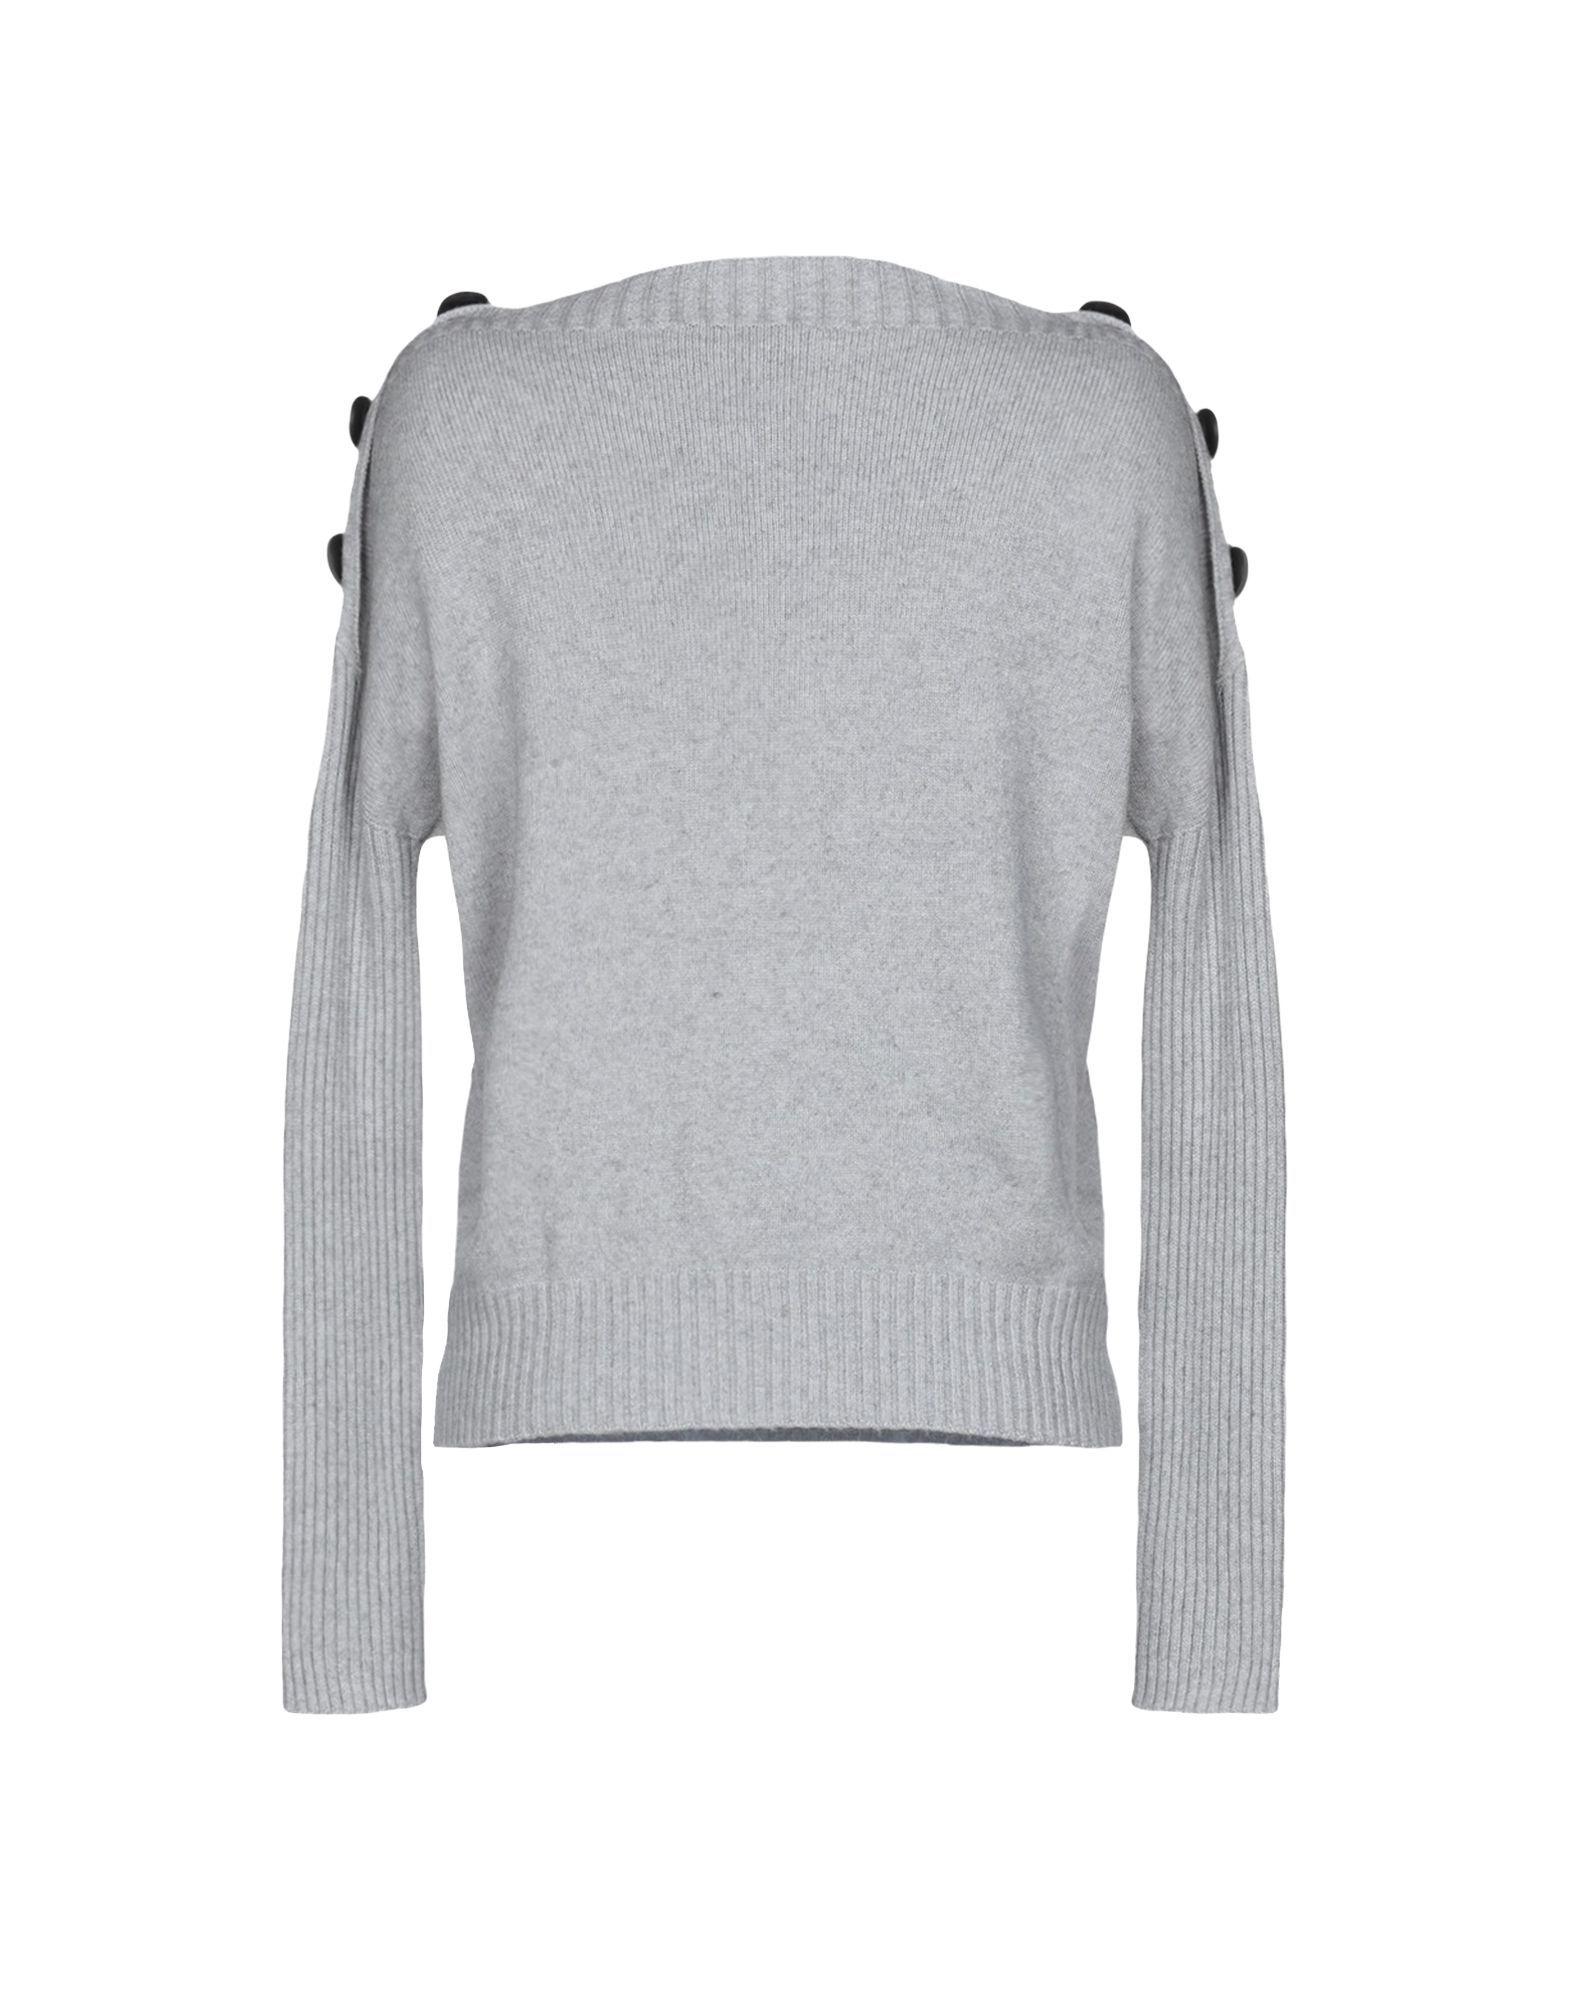 Kaos Jeans Light Grey Lightweight Knit Jumper